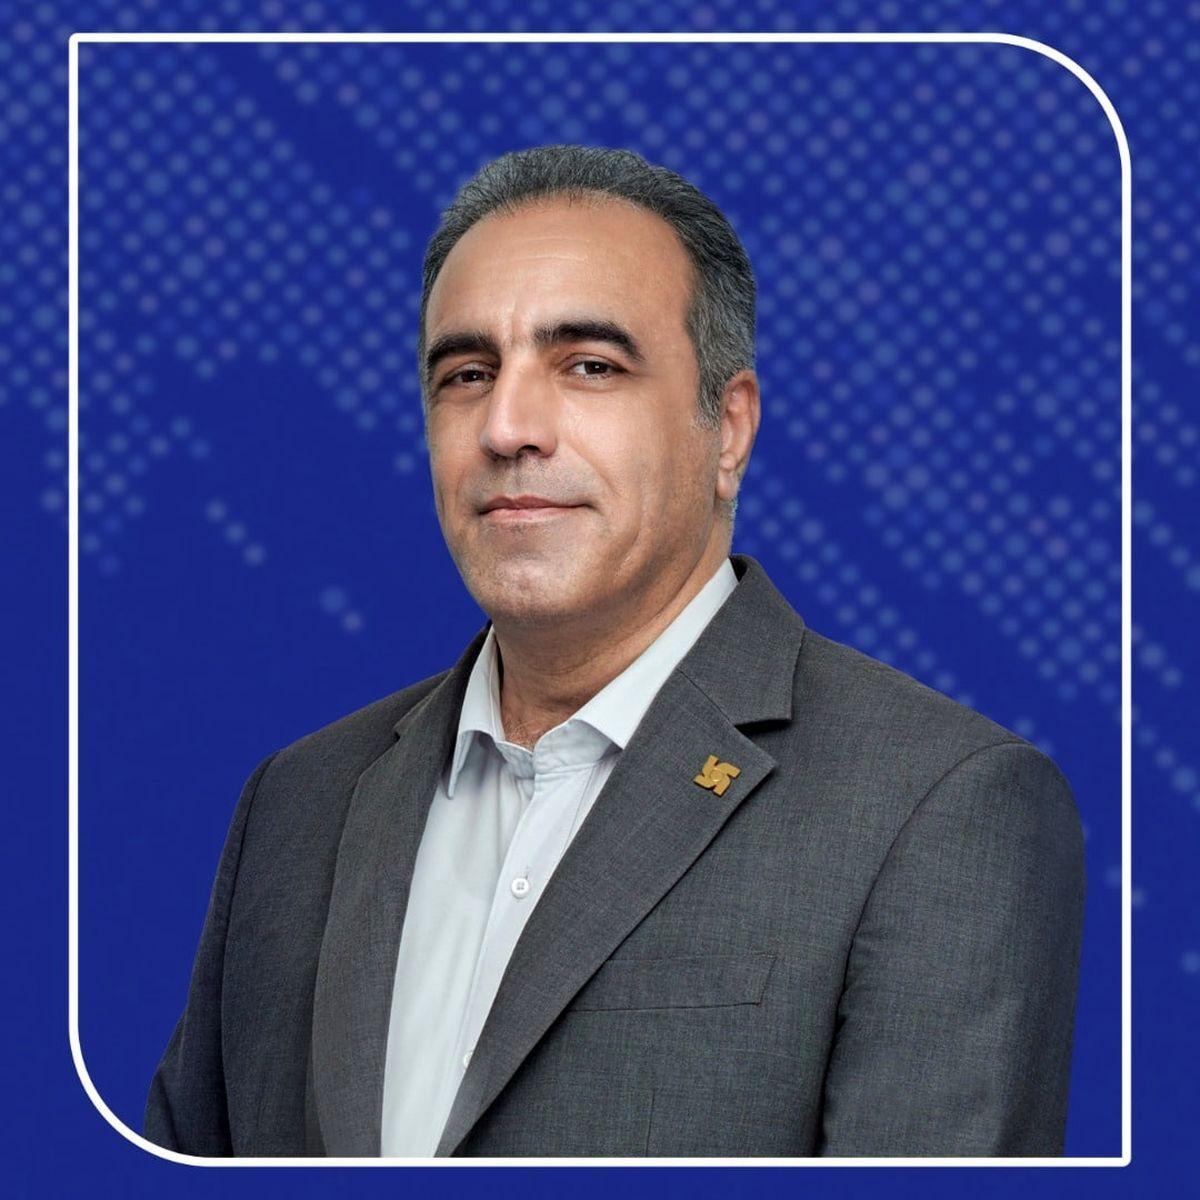 معرفی سید محمد یمنی به عنوان مدیرعامل جدید بیمه سرمد